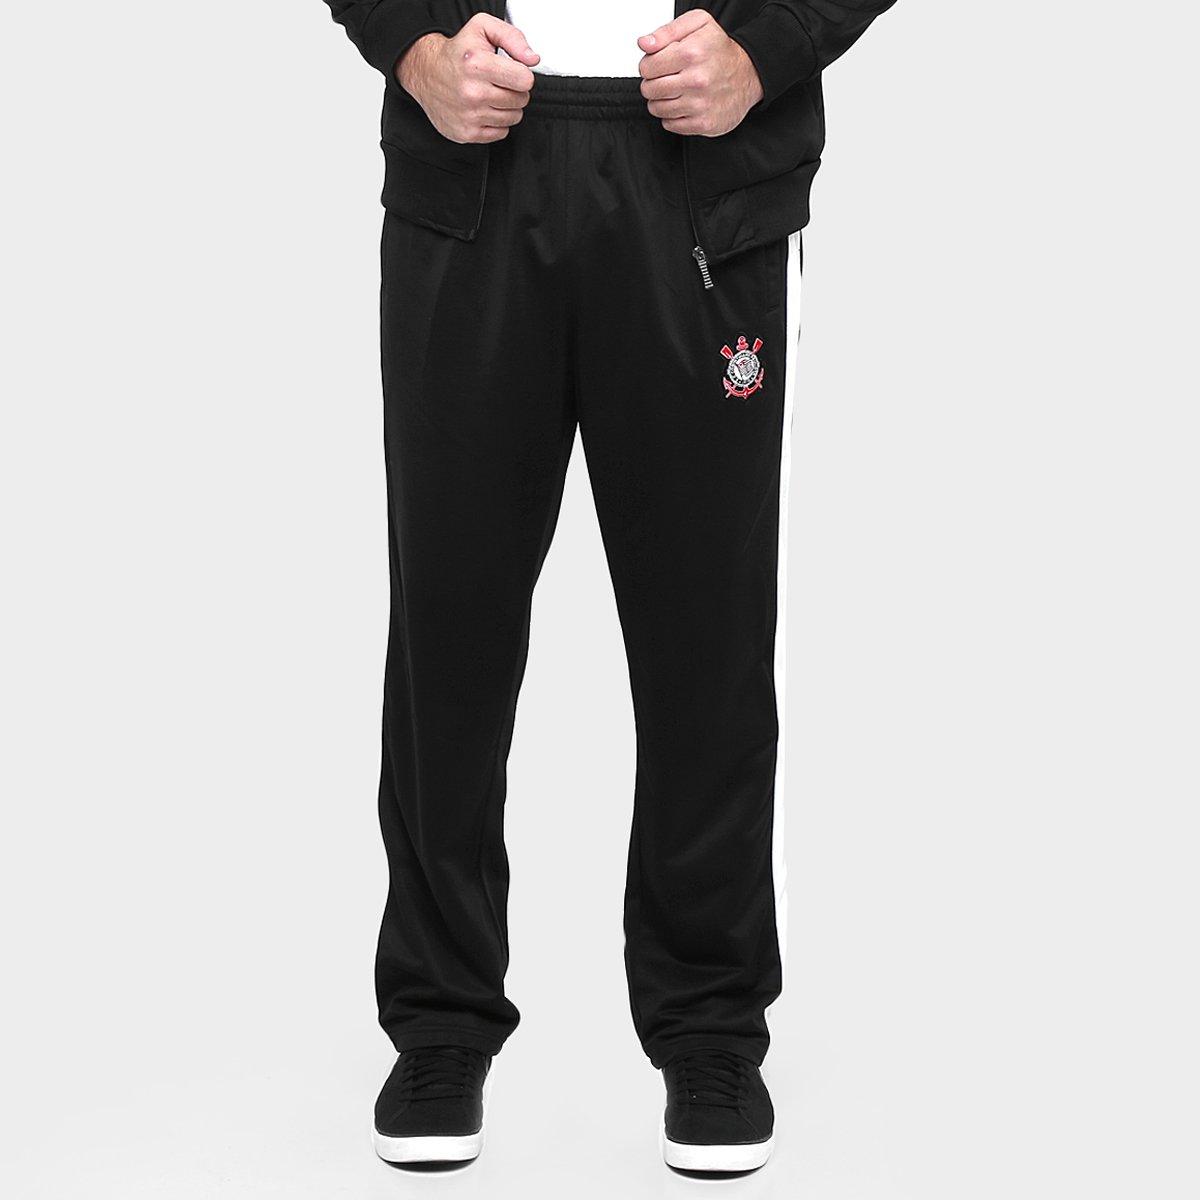 Agasalho Corinthians Trilobal Fuze Masculino - Compre Agora  2e3763dee16ef